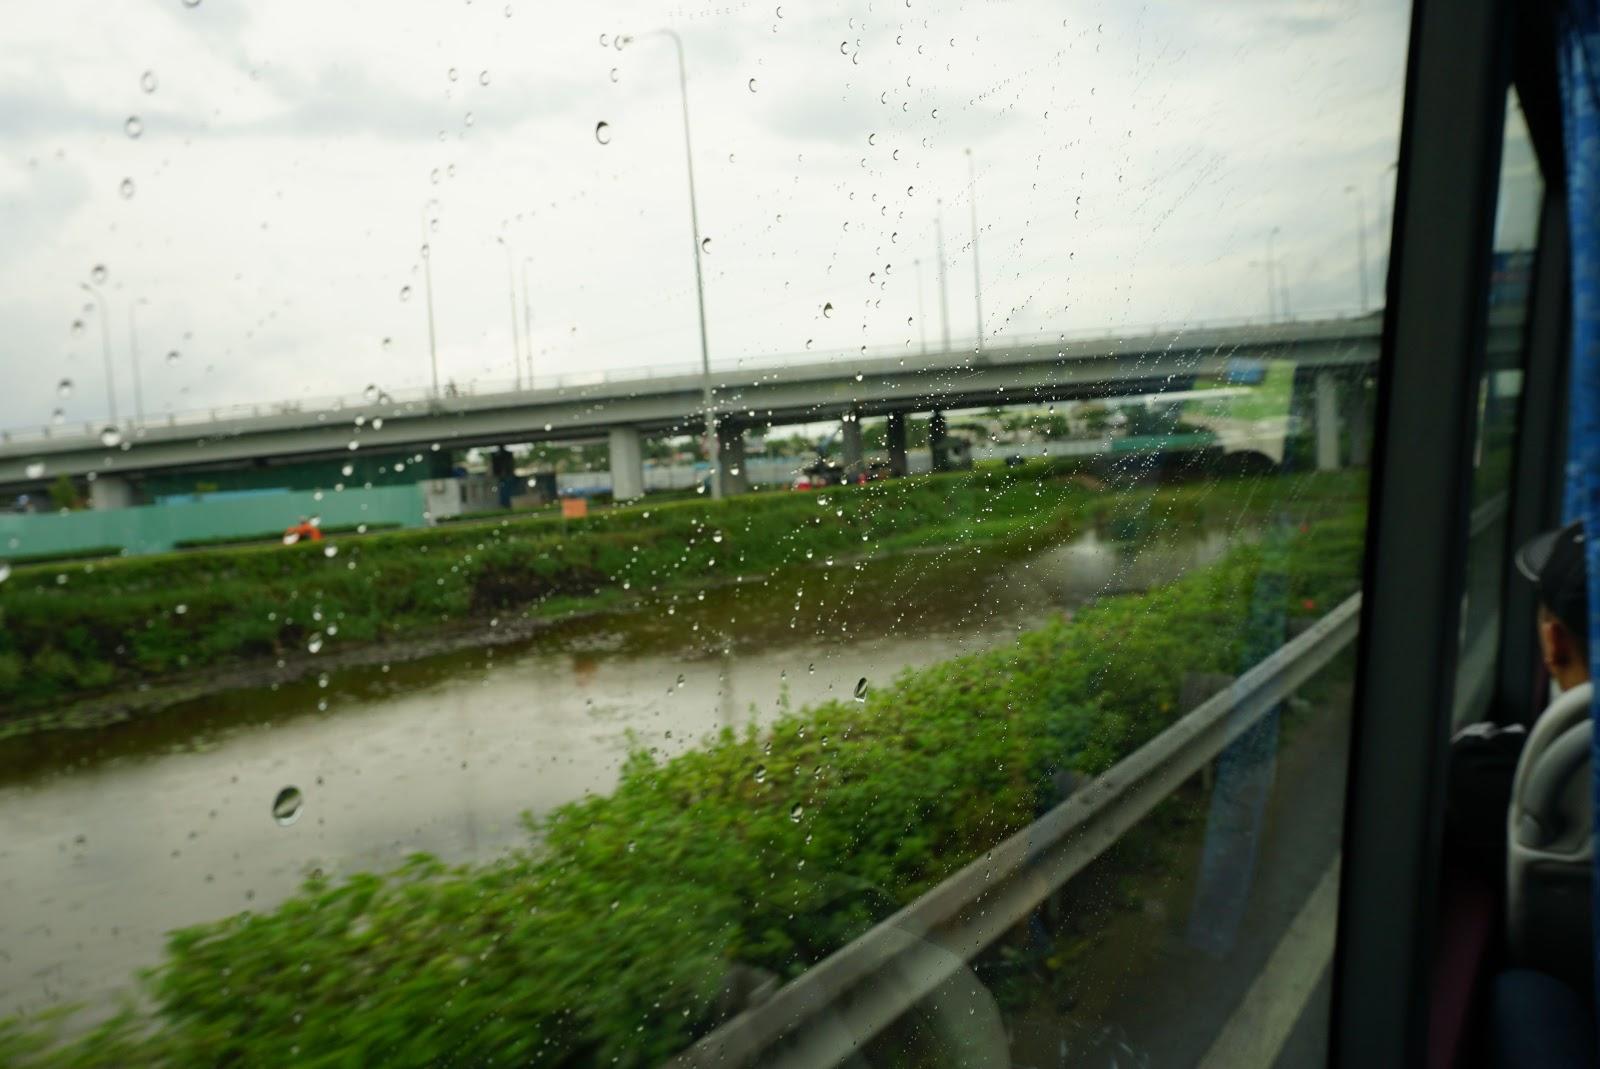 Trời Sài Gòn mưa phùn nhẹ, vừa lo, vừa nhiều suy tư